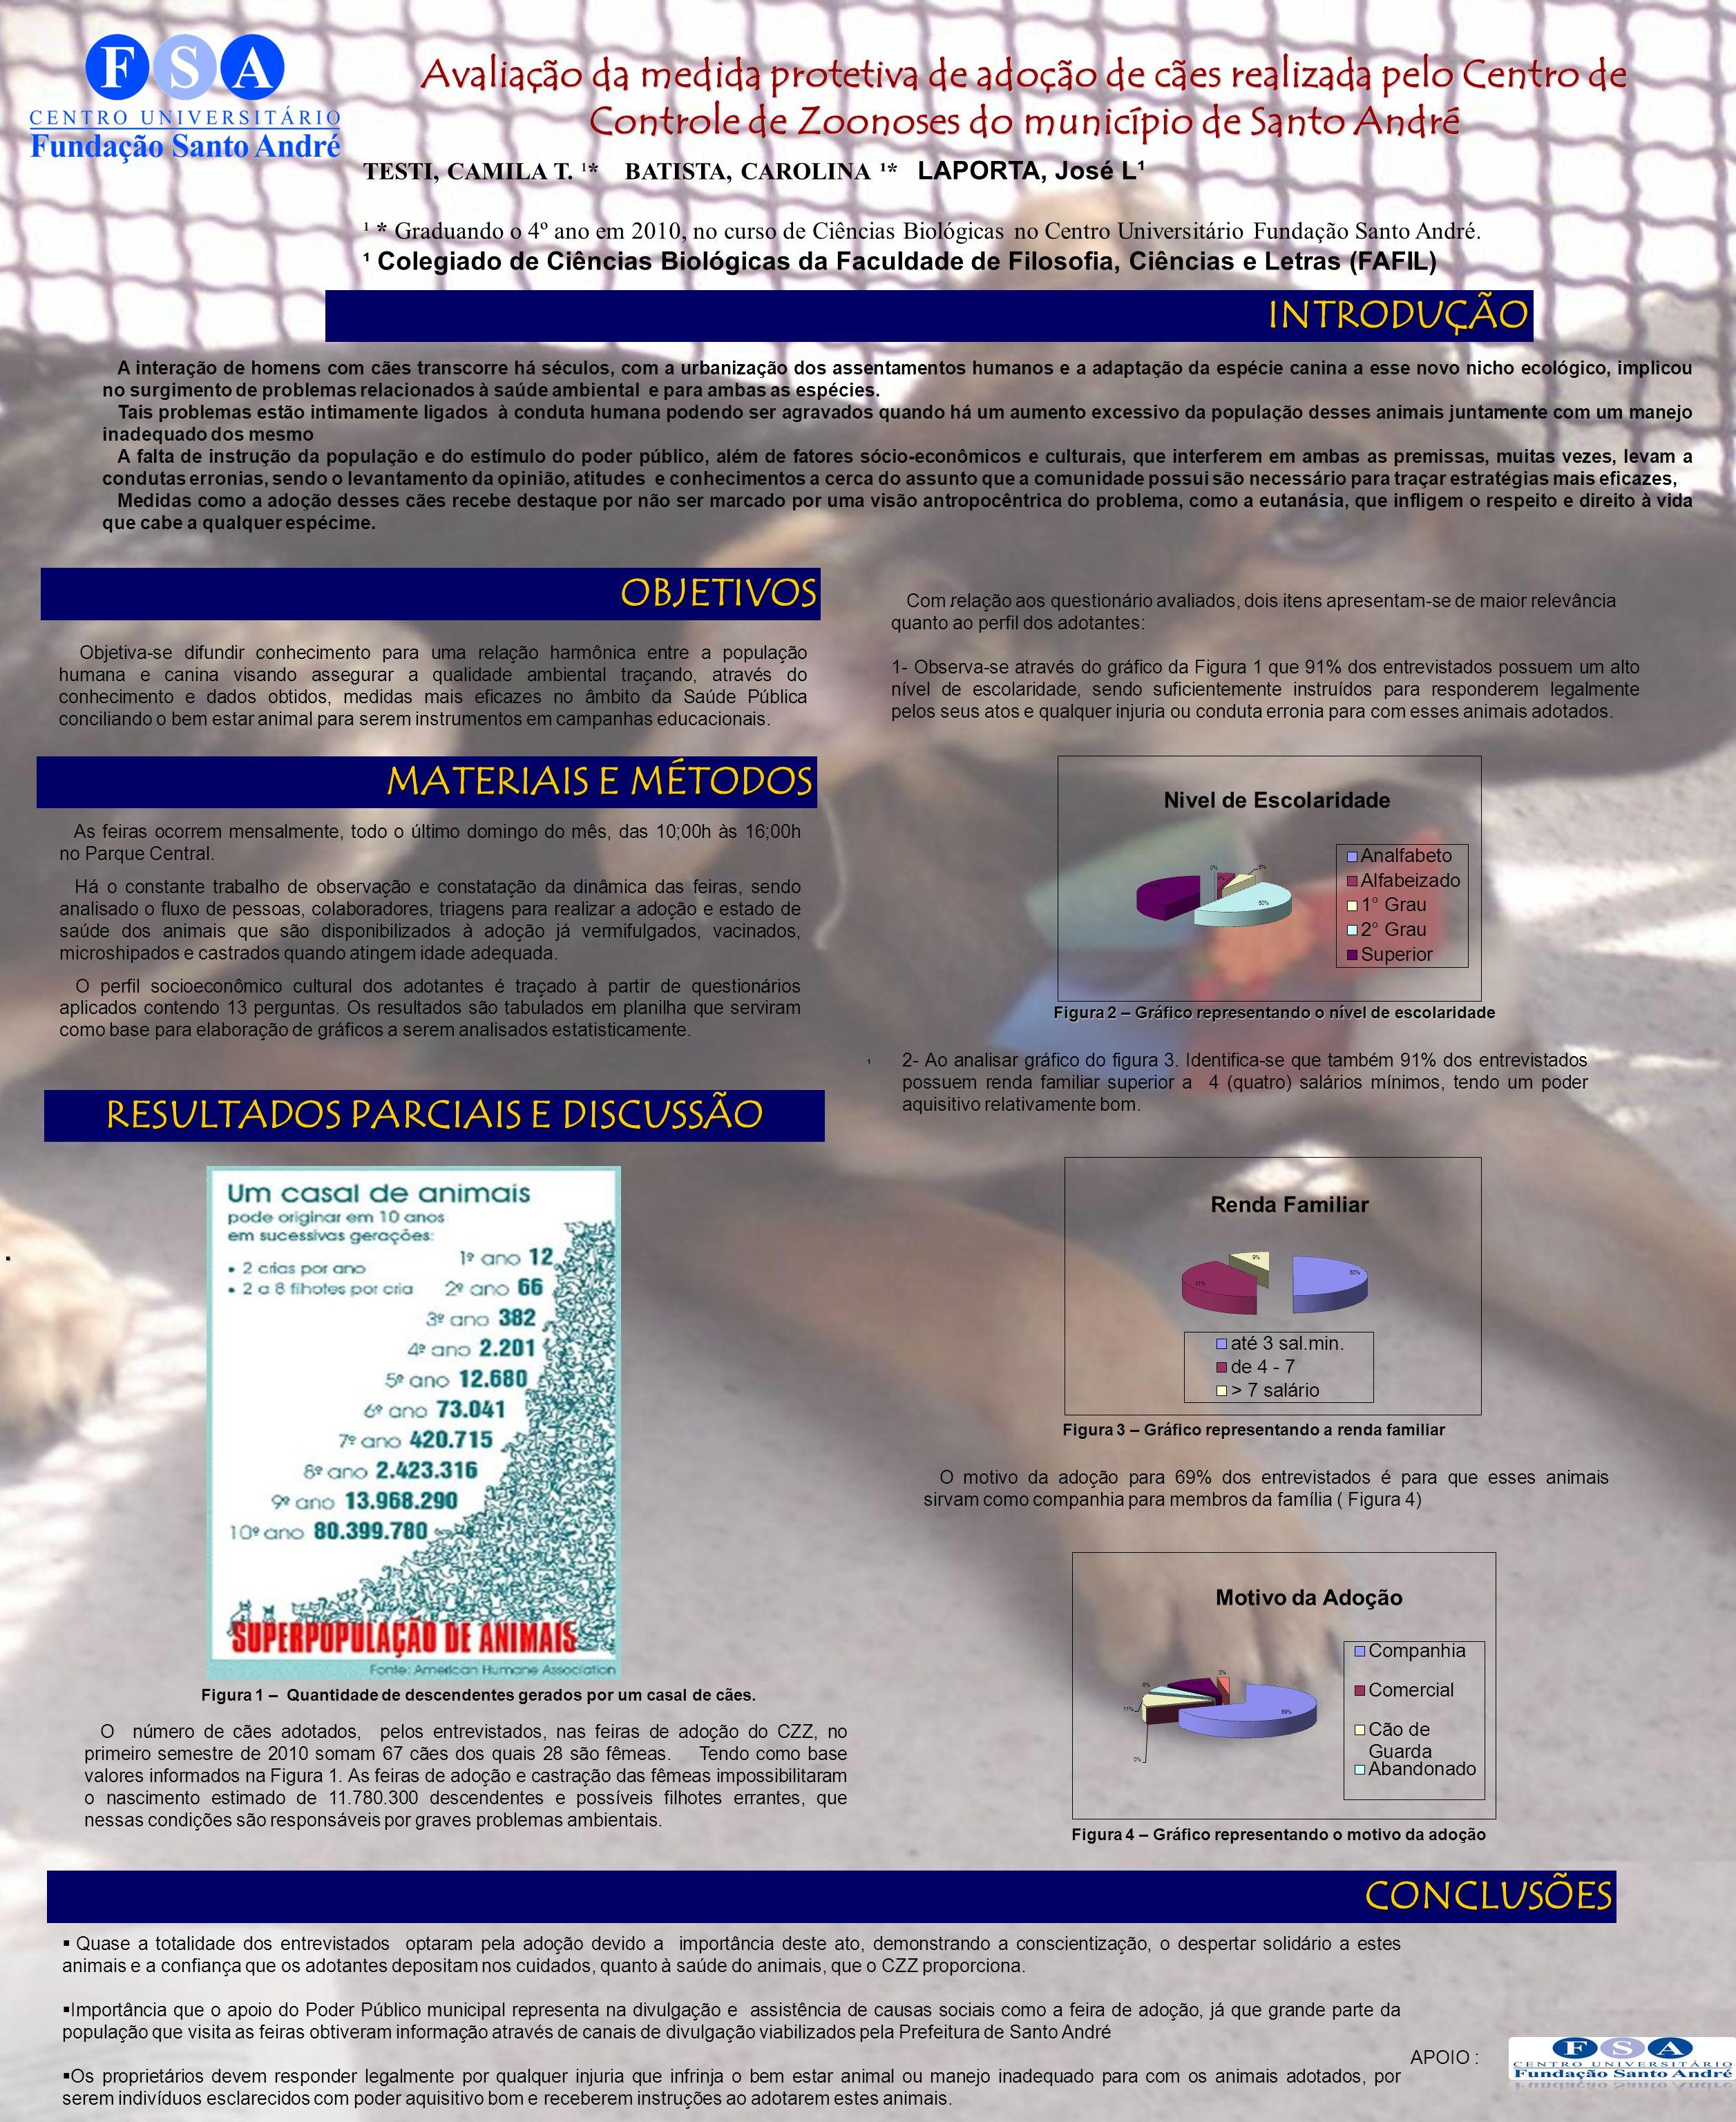 Avaliação da medida protetiva de adoção de cães realizada pelo Centro de Controle de Zoonoses do município de Santo André TESTI, CAMILA T. ¹* BATISTA,